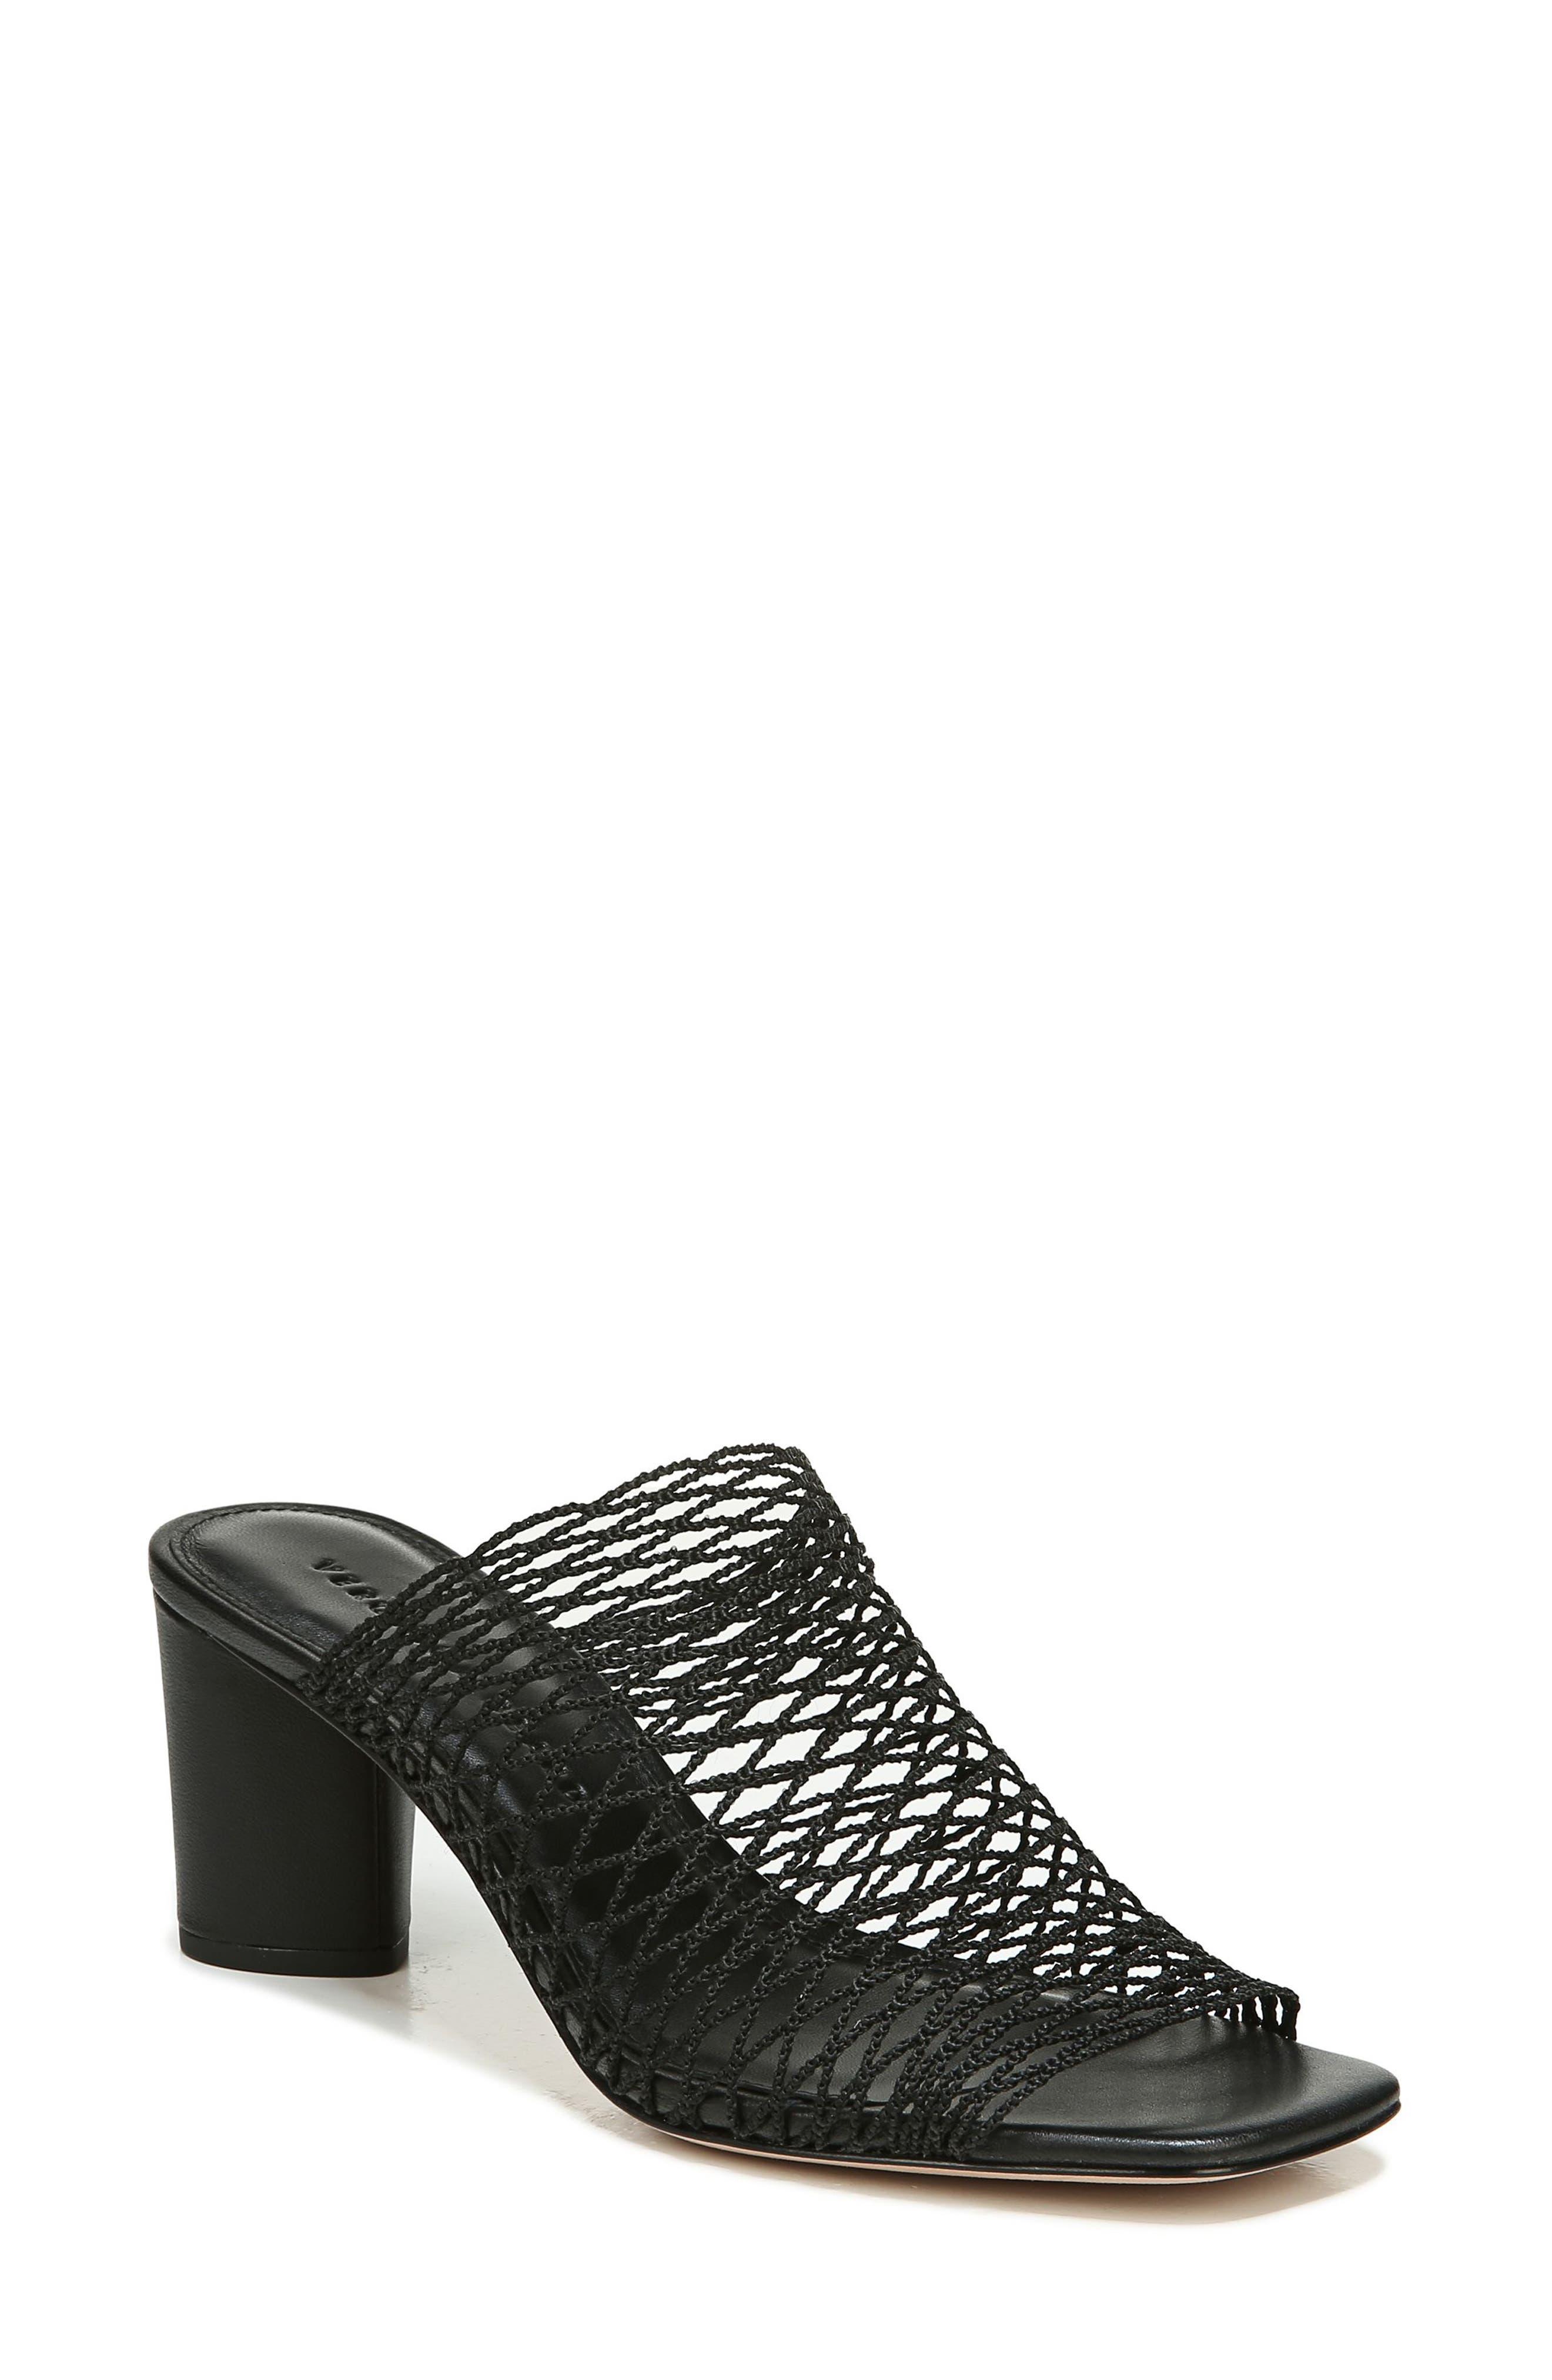 Veronica Beard Shoes Sale \u0026 Clearance